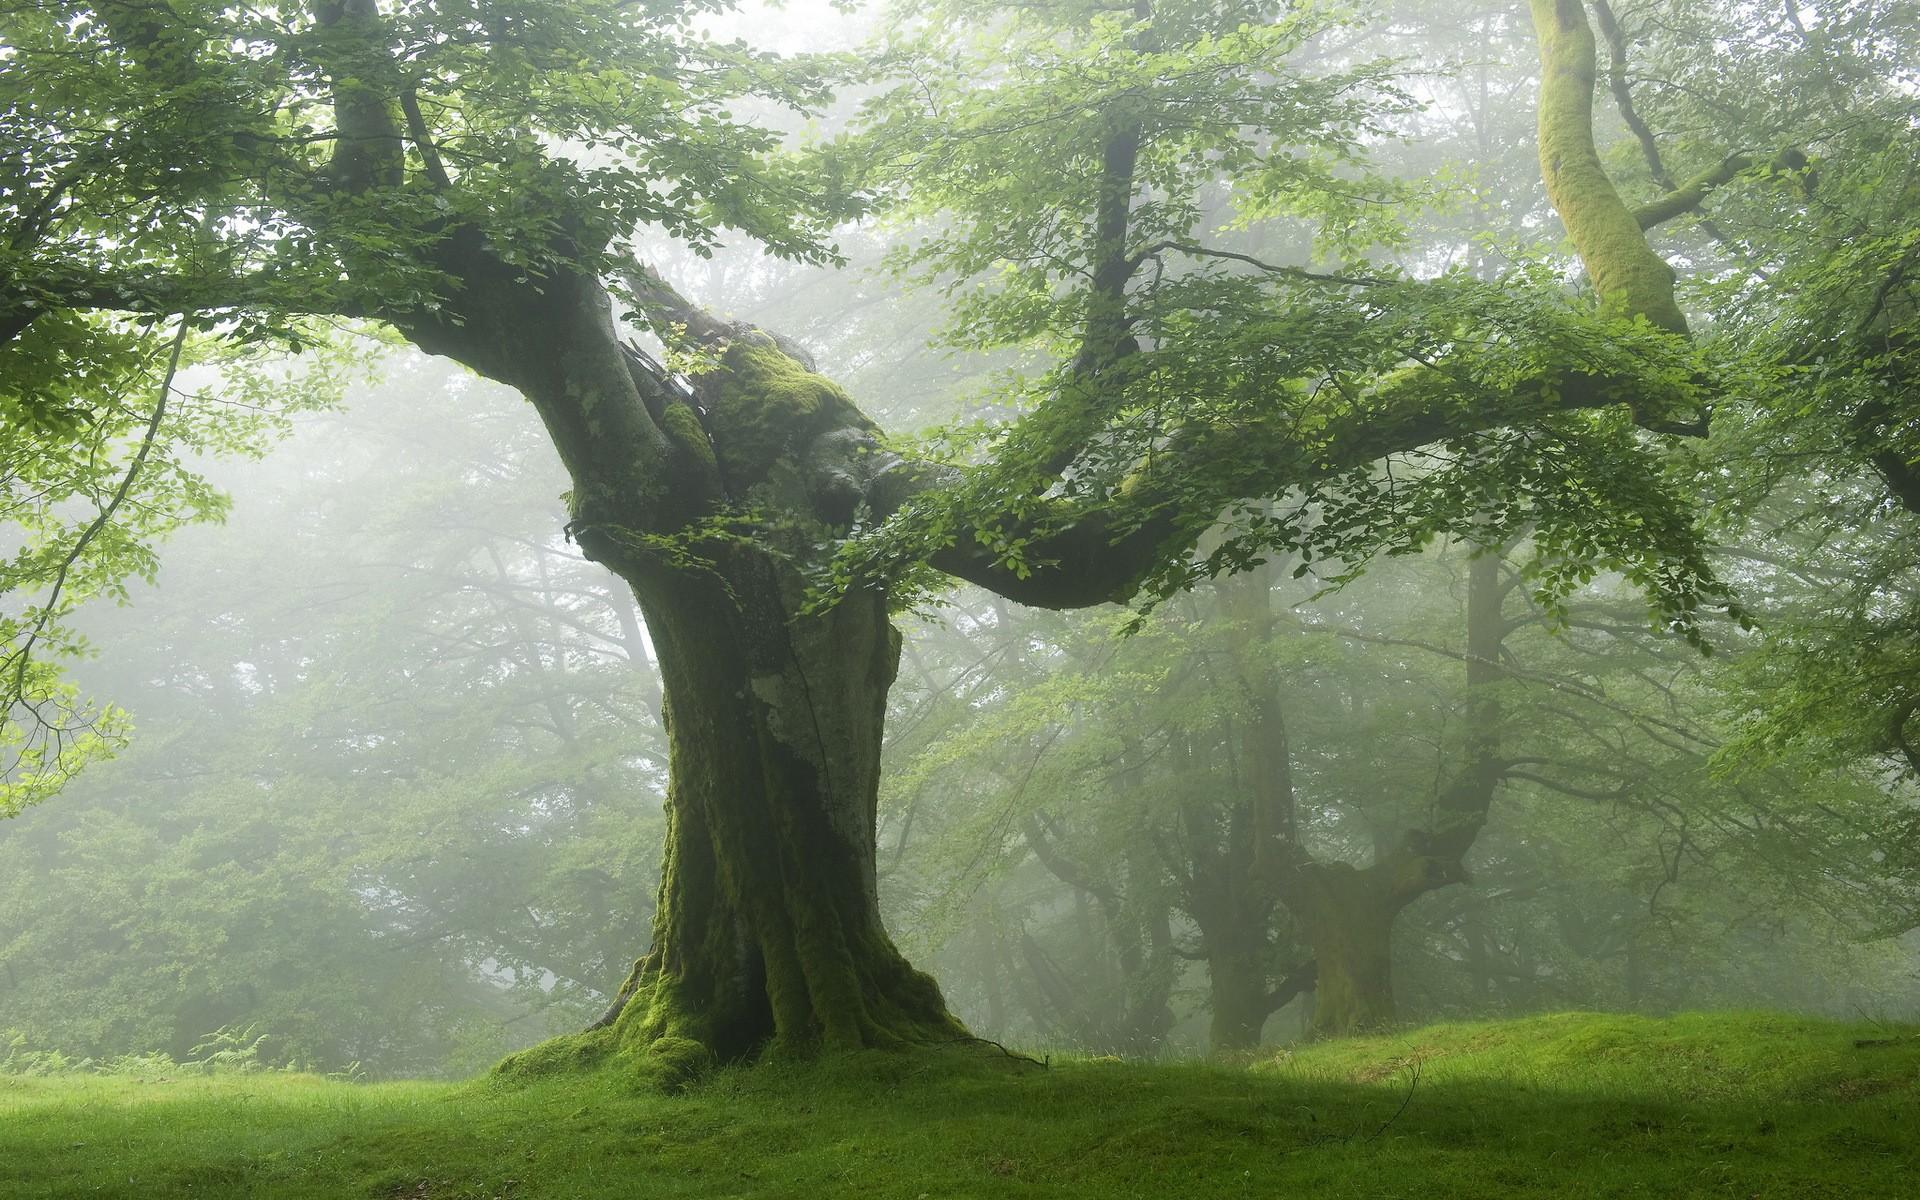 Enchanted tree scenery